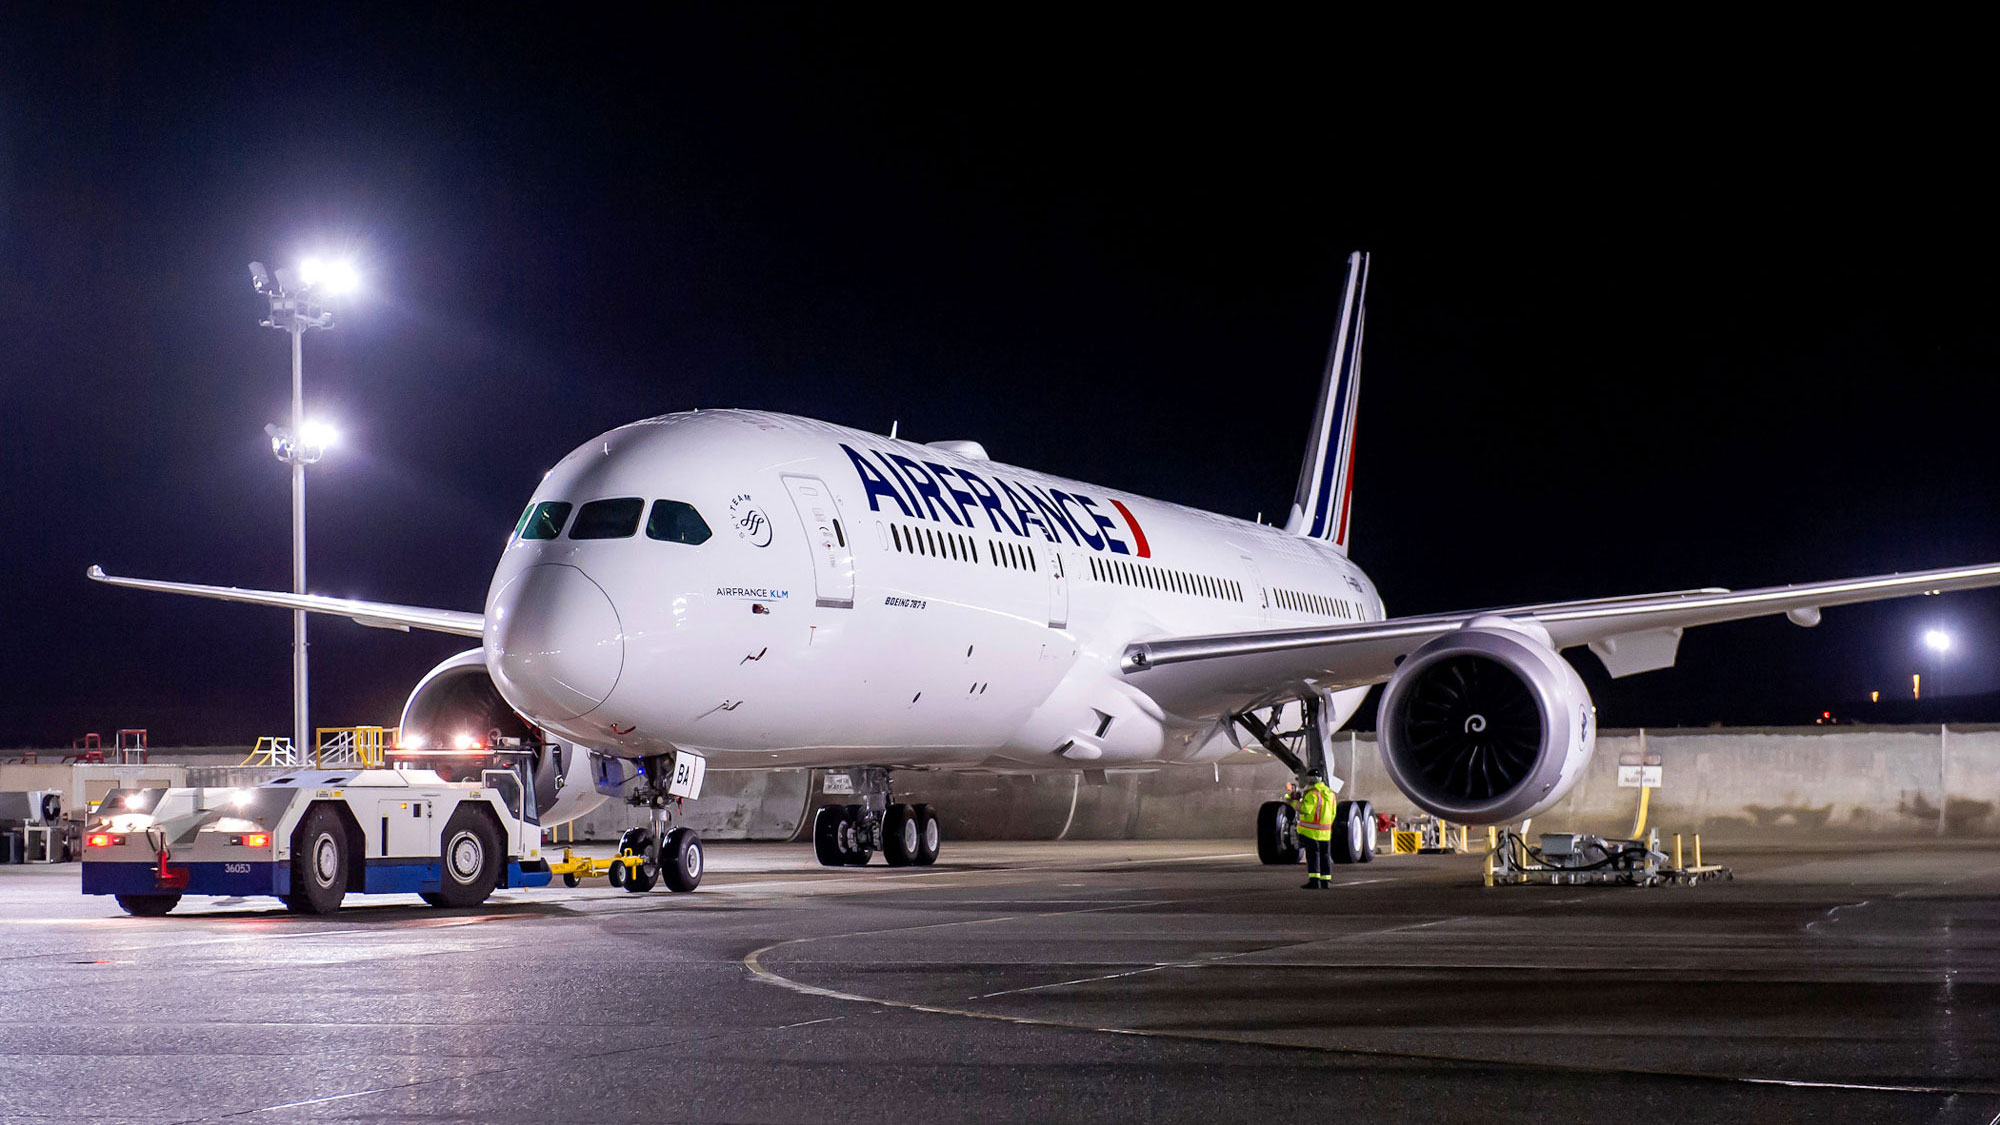 法国航空停泊的飞机